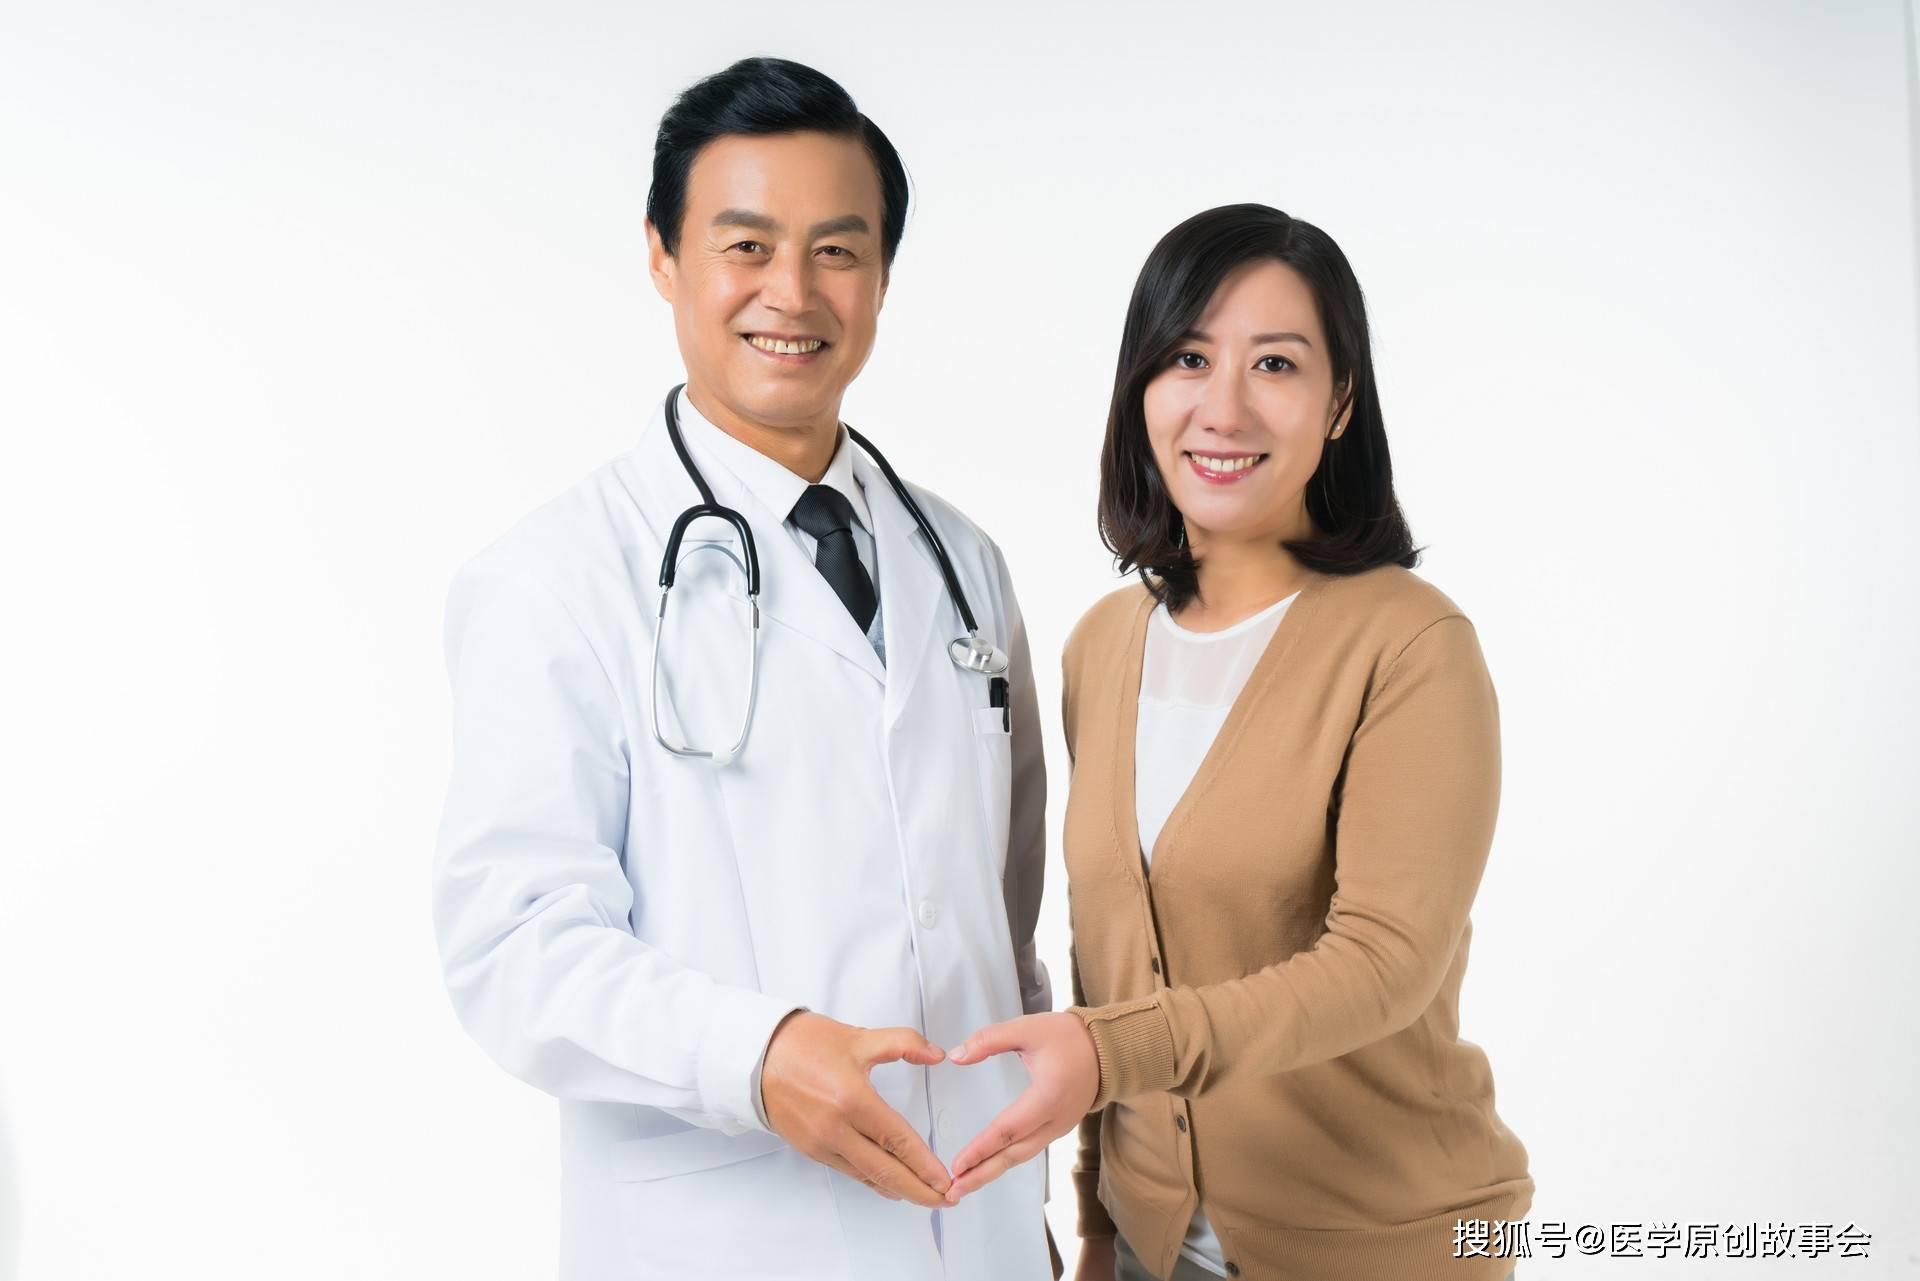 原创45岁以上的人,假如身体出现四种小病,时间久了容易发生恶变